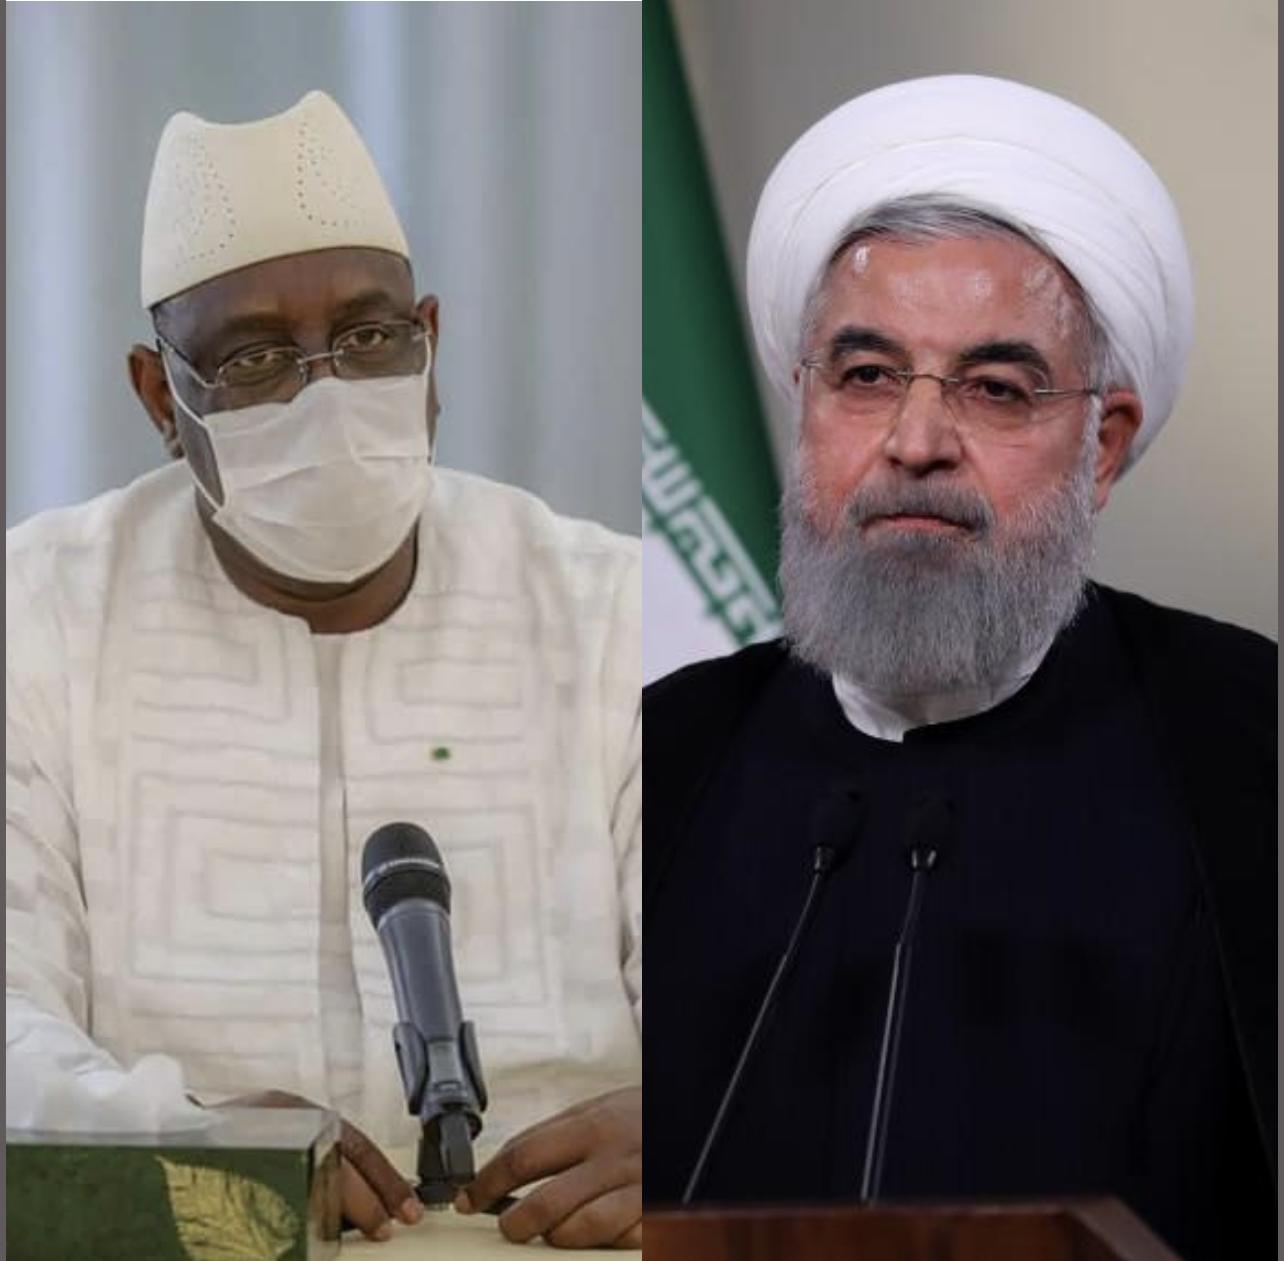 Diplomatie : Le message positif du président Iranien sur les relations sénégalo-iraniennes.